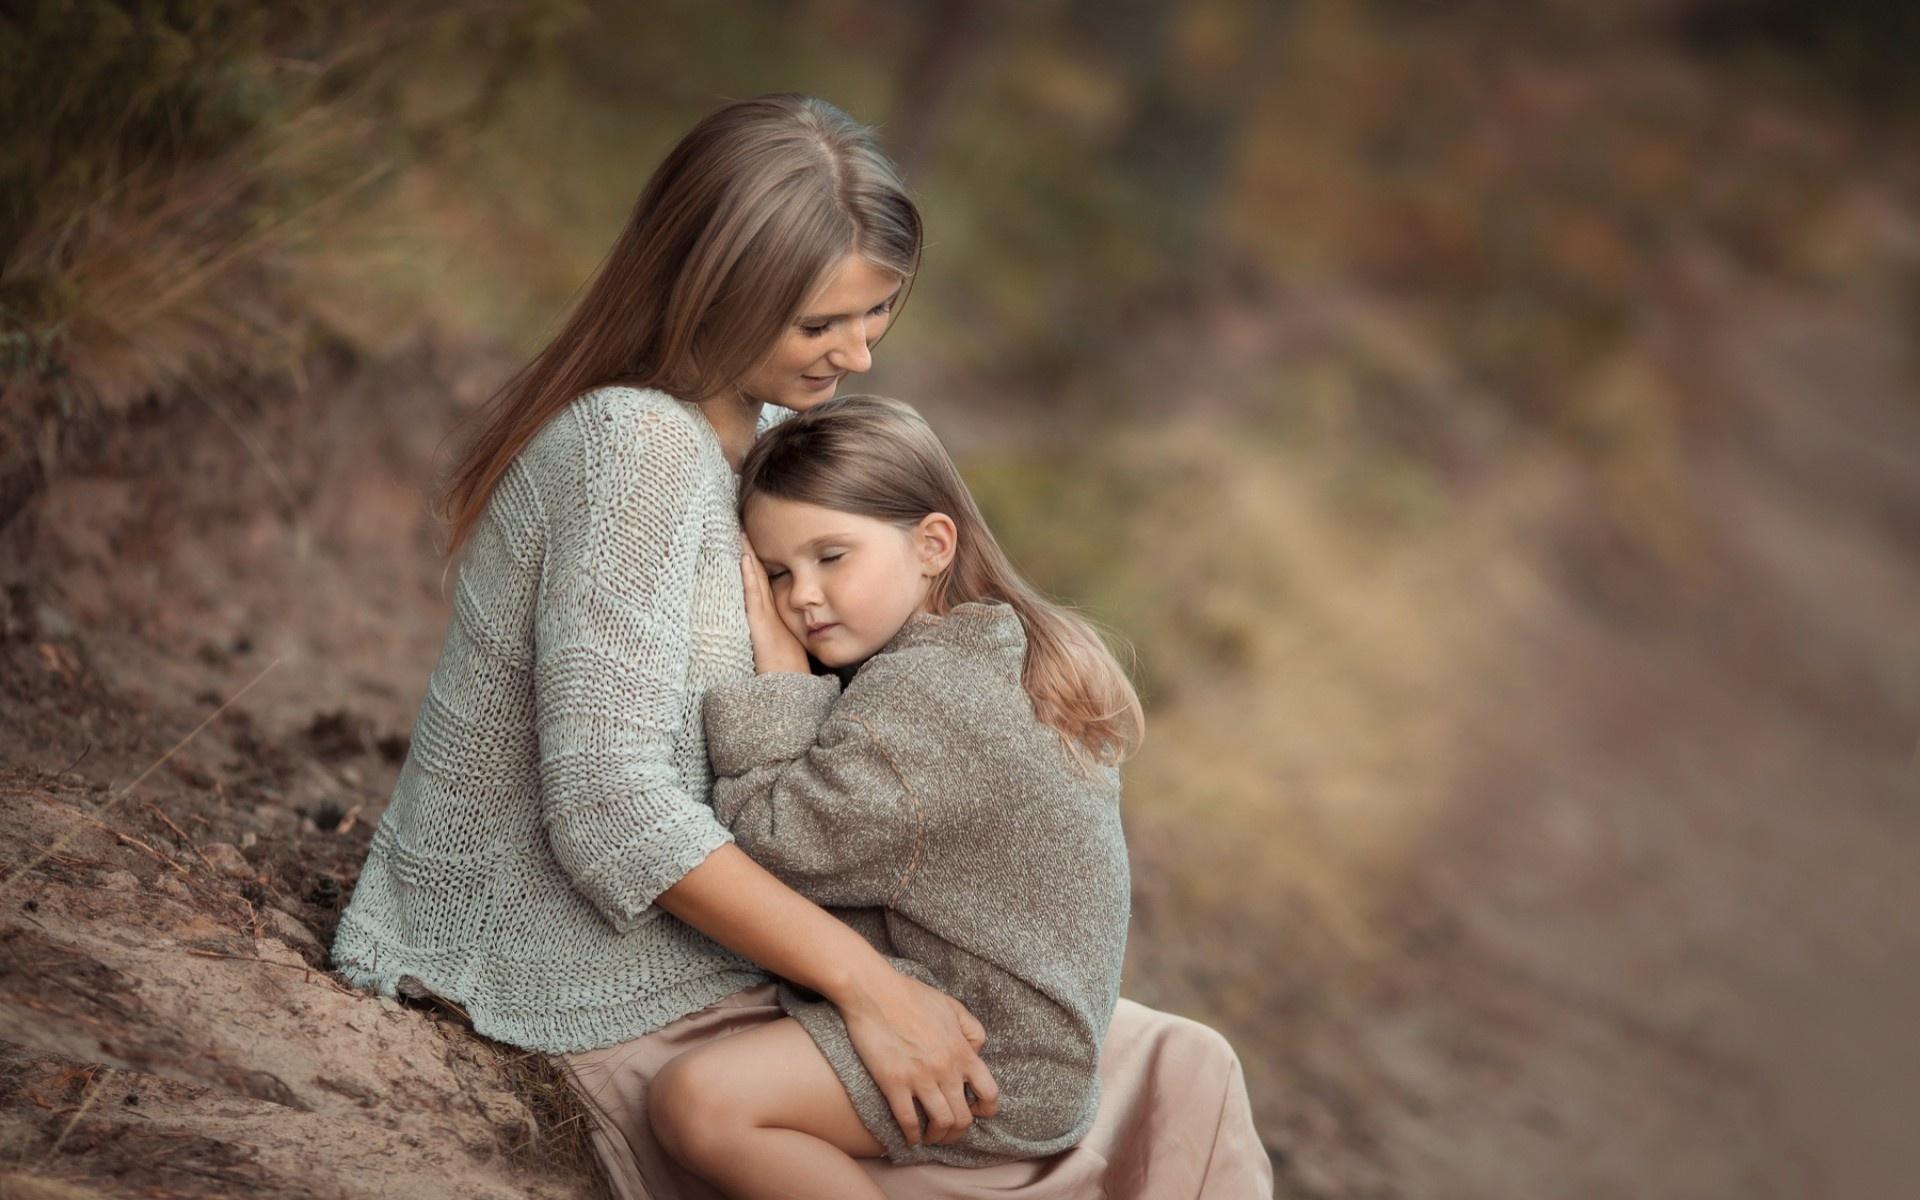 Любовь материнская картинки